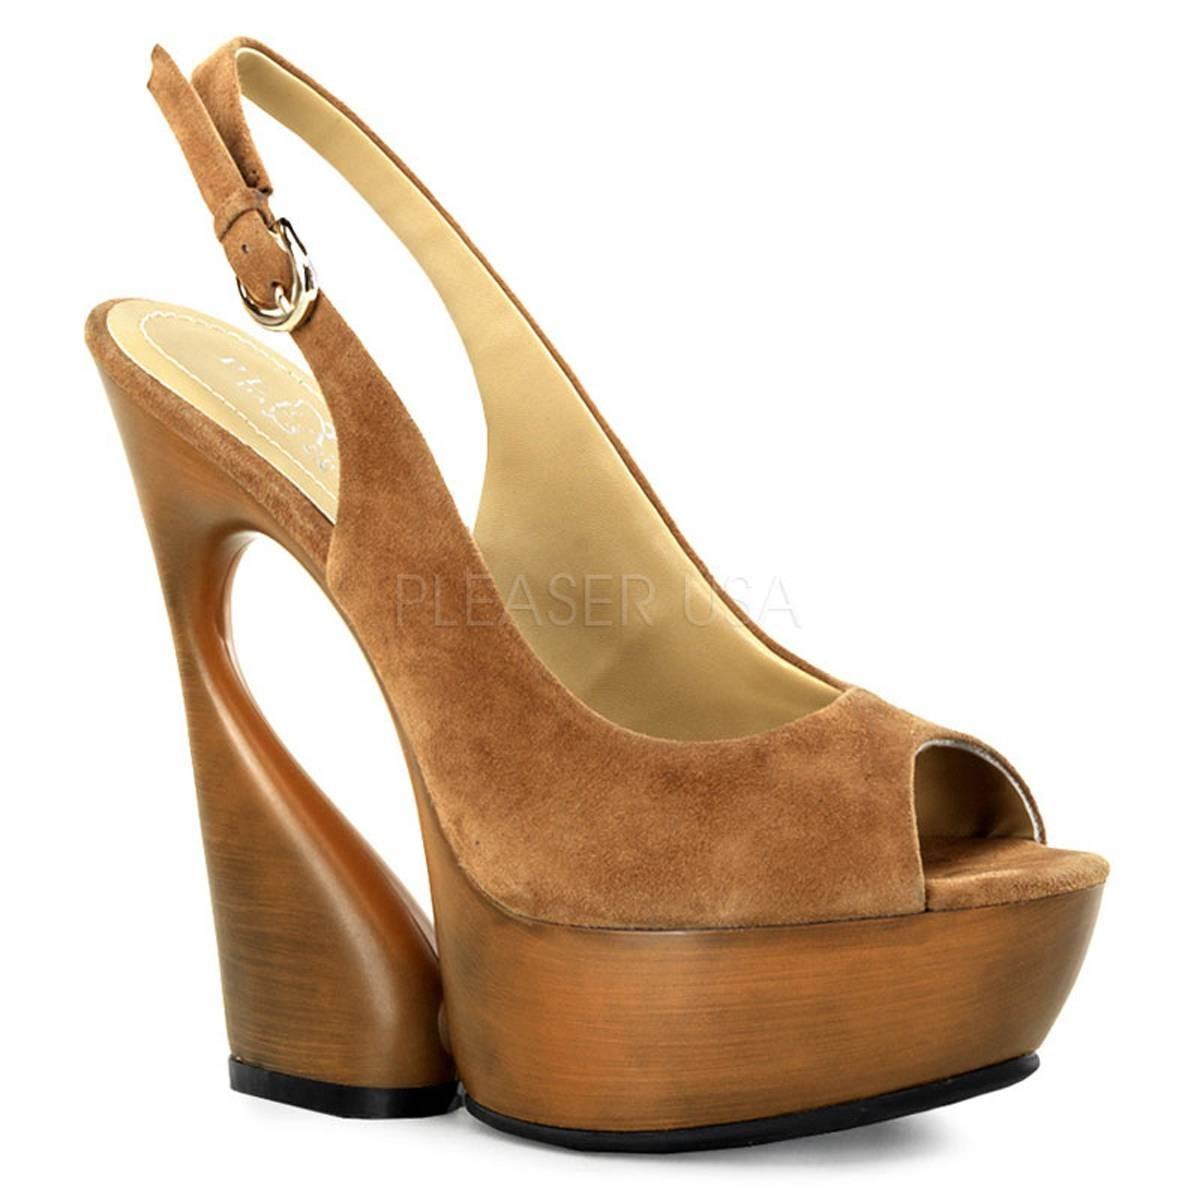 Highheels für Frauen - SWAN 654 ° Damen Sandalette ° Braun Leder ° Pleaser Day Night  - Onlineshop RedSixty